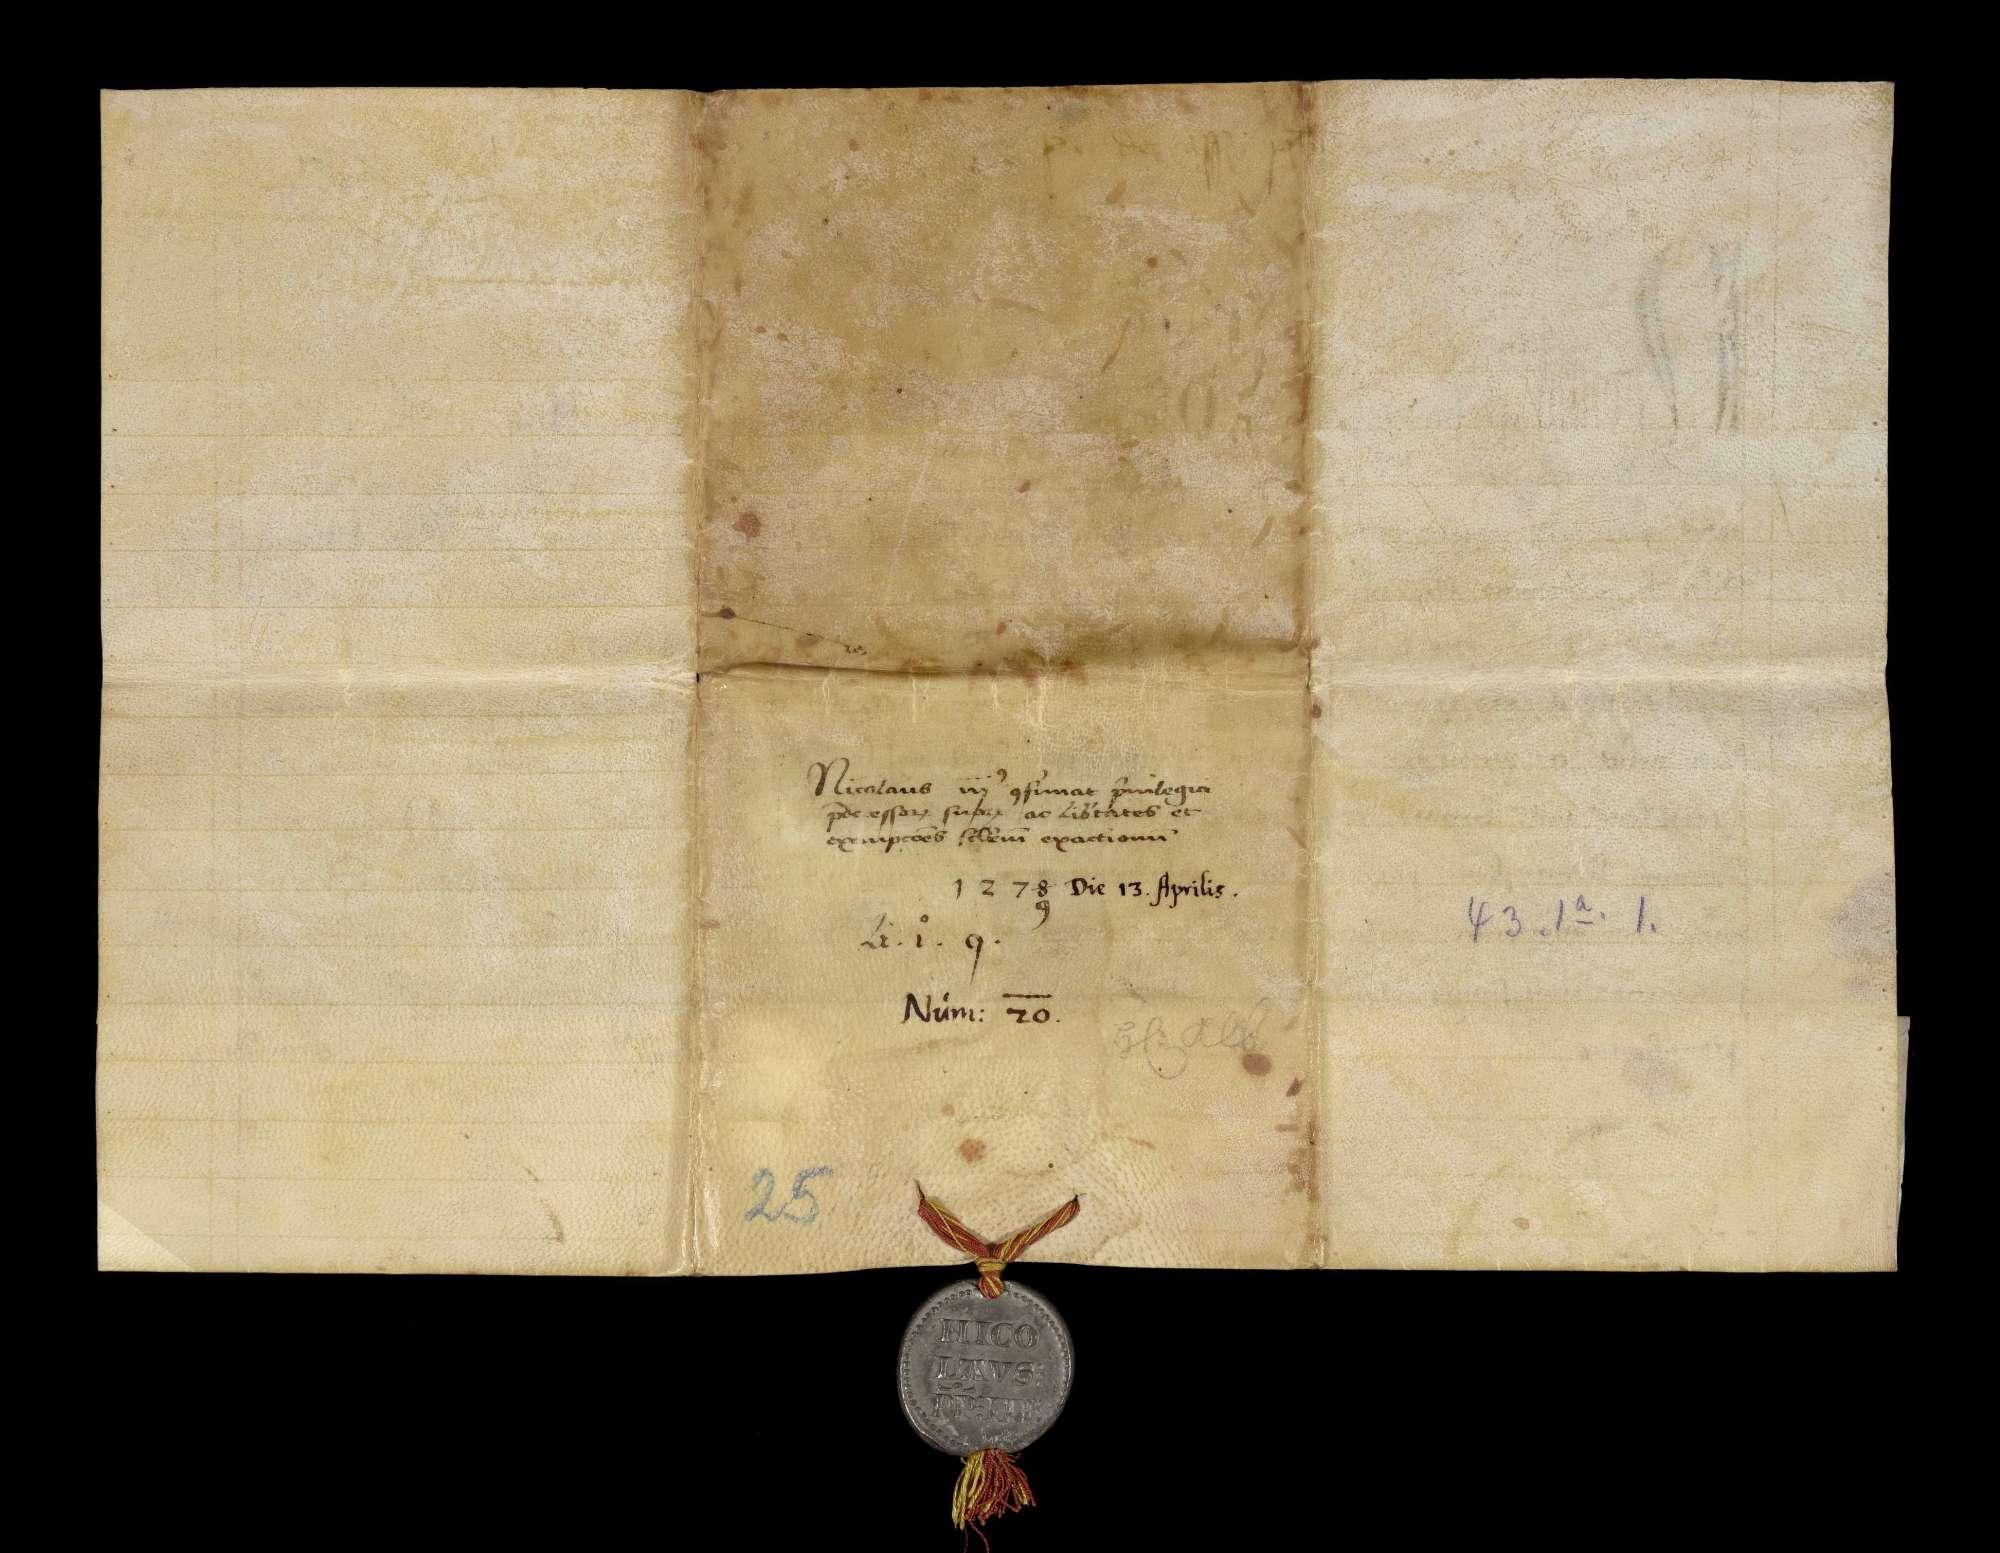 Papst Nikolaus III. beauftragt den Domdekan von Speyer, das Kloster Herrenalb zu schützen., v